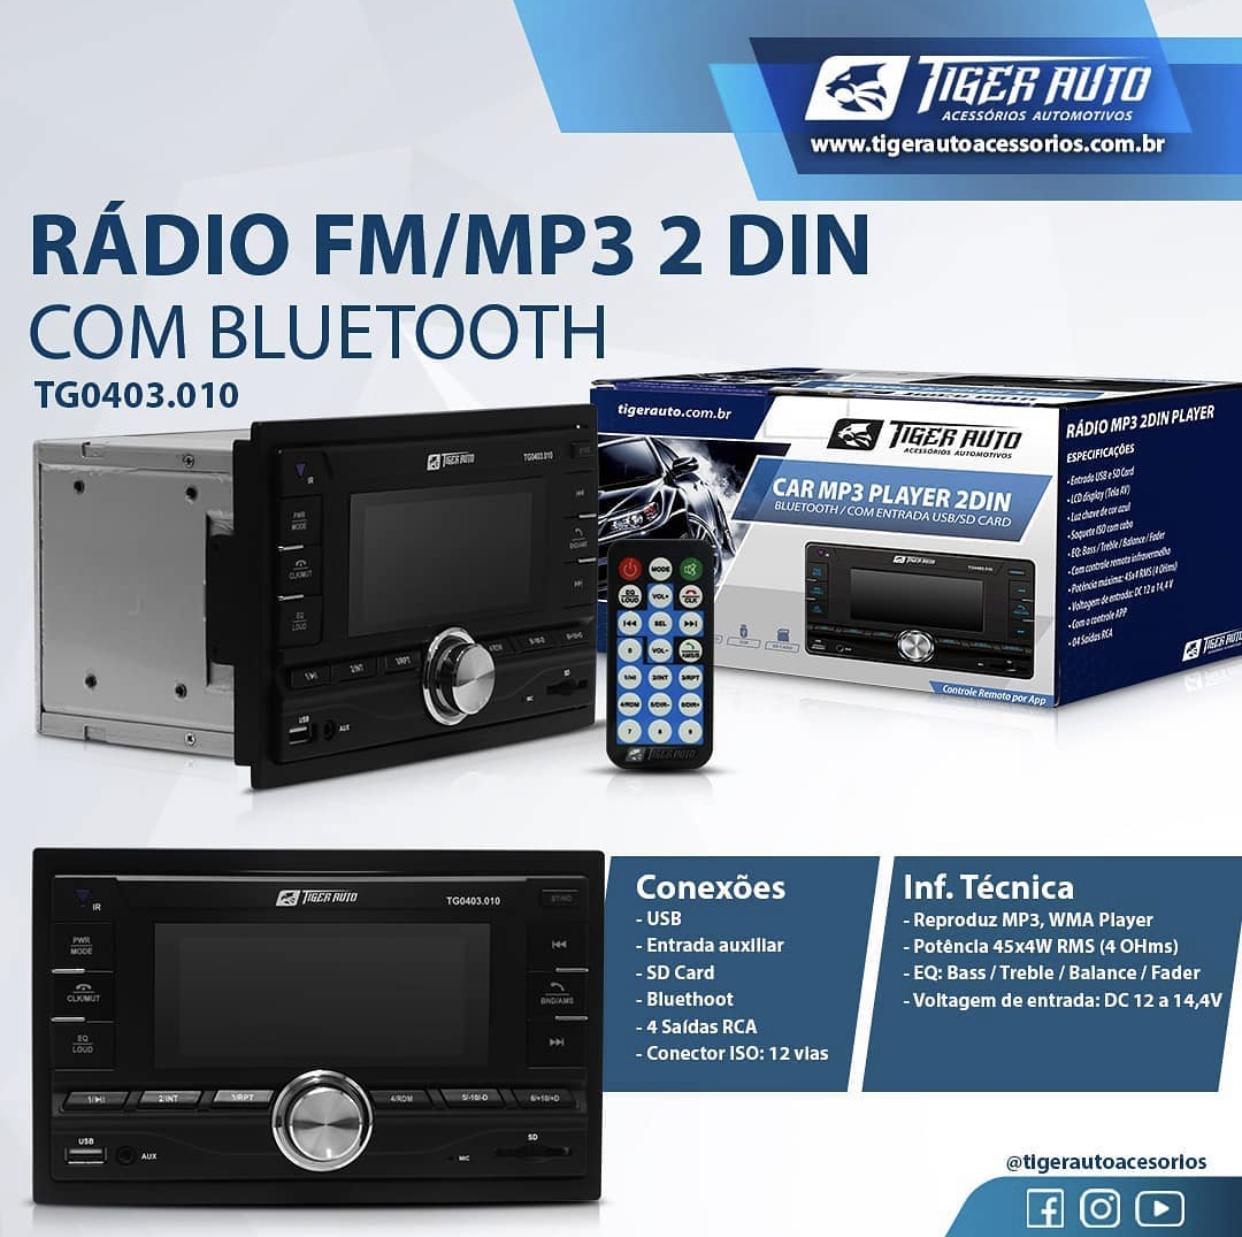 Tiger Auto apresenta novo rádio com MP3